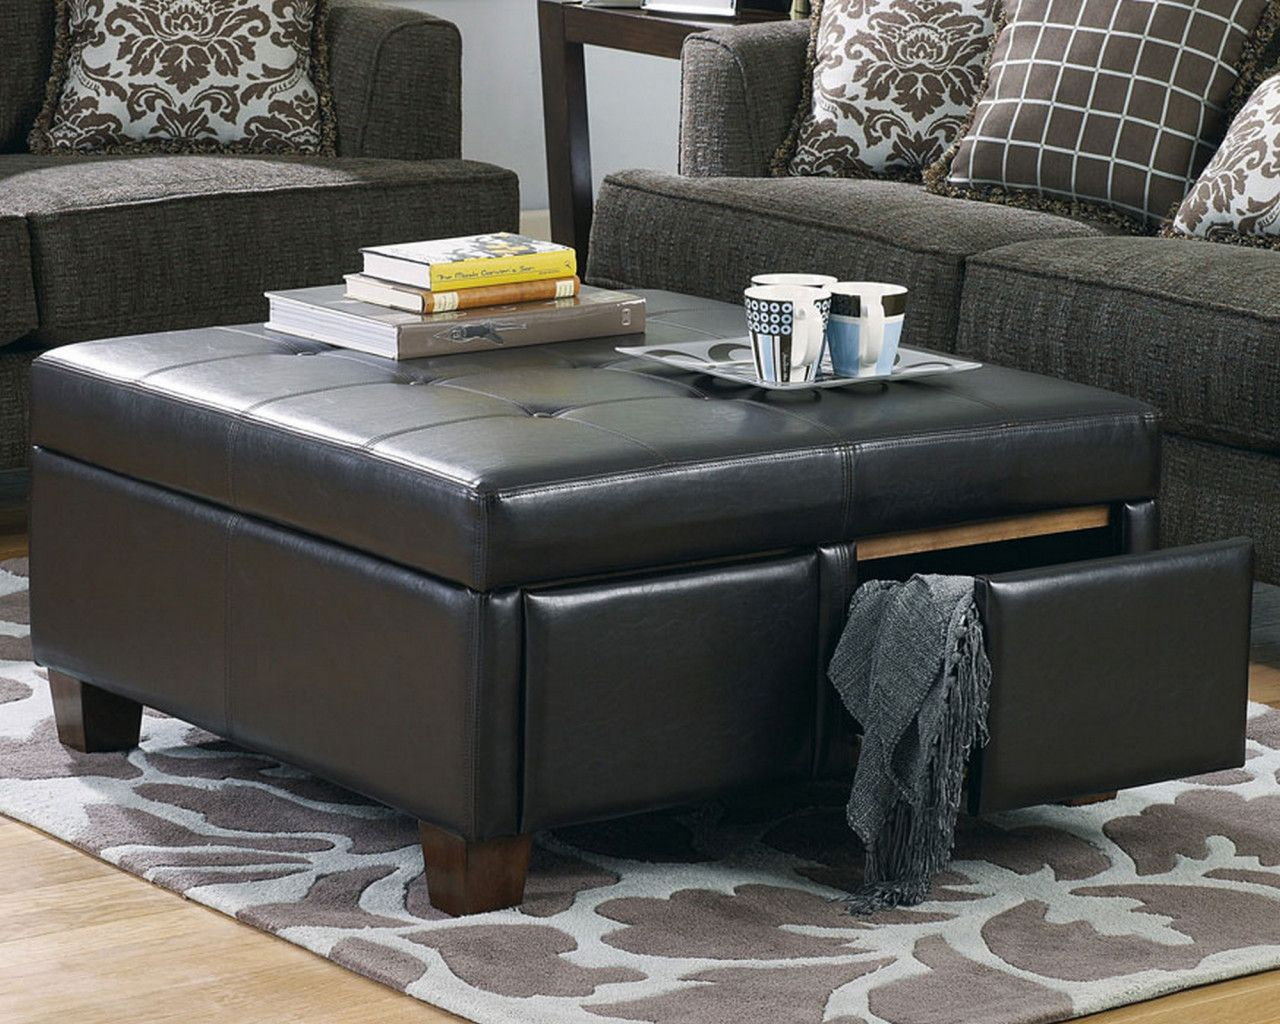 50 Elegant Round Leather Coffee Table Ottoman 2020 Storage Ottoman Coffee Table Leather Ottoman Coffee Table Ottoman Coffee Table Leather coffee table with storage